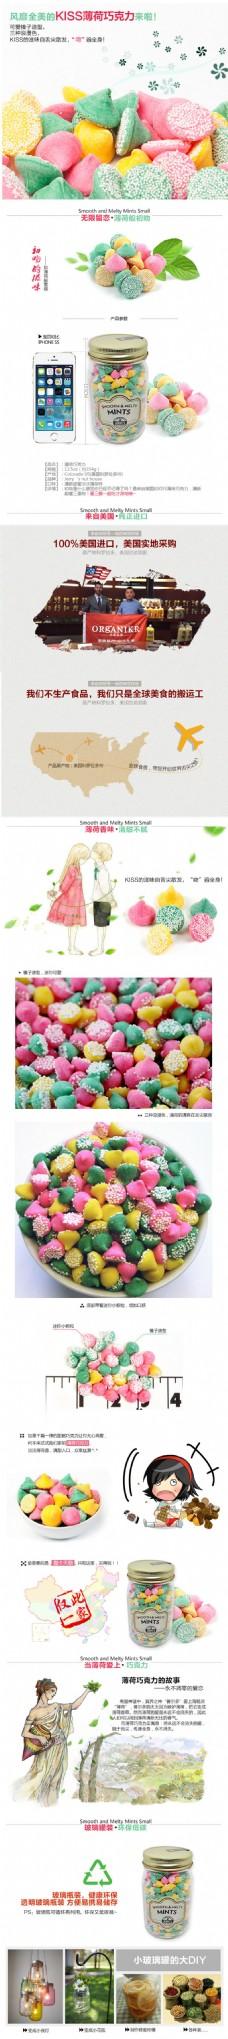 电商淘宝巧克力零食美食食品详情页宝贝描述